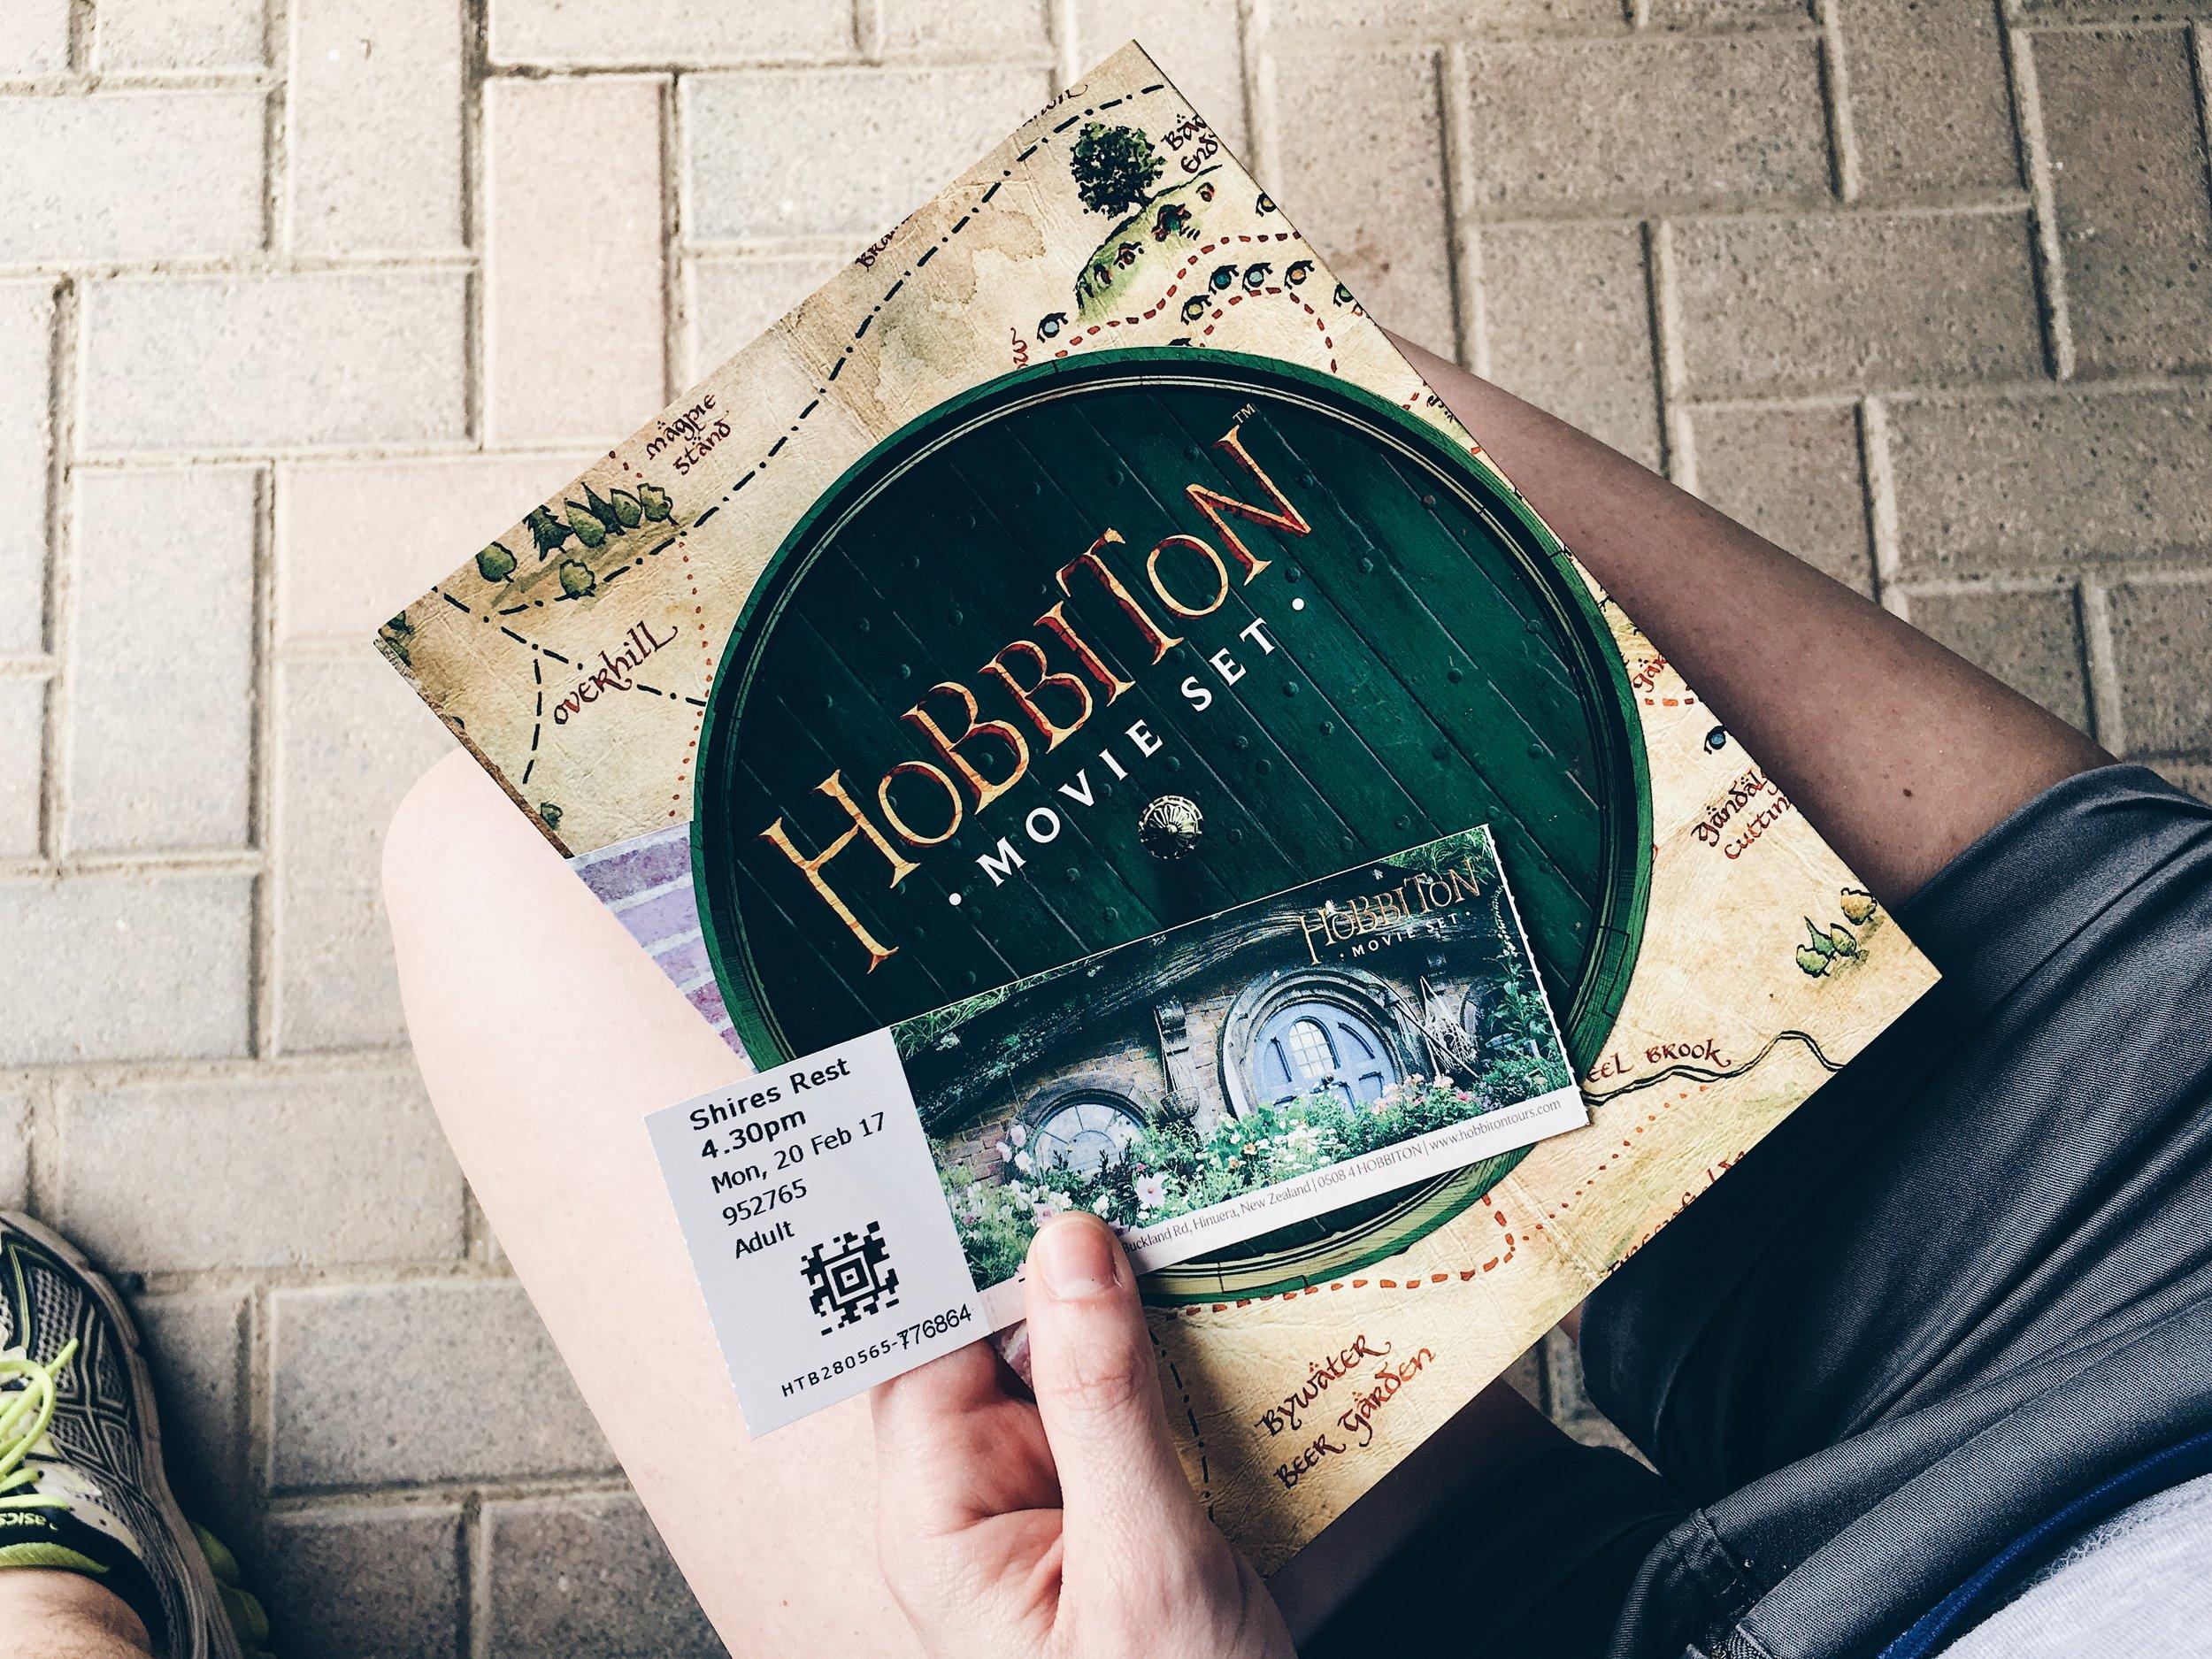 Gli amanti dei souvenir ameranno la piccola mappa che vi viene data insieme al biglietto.